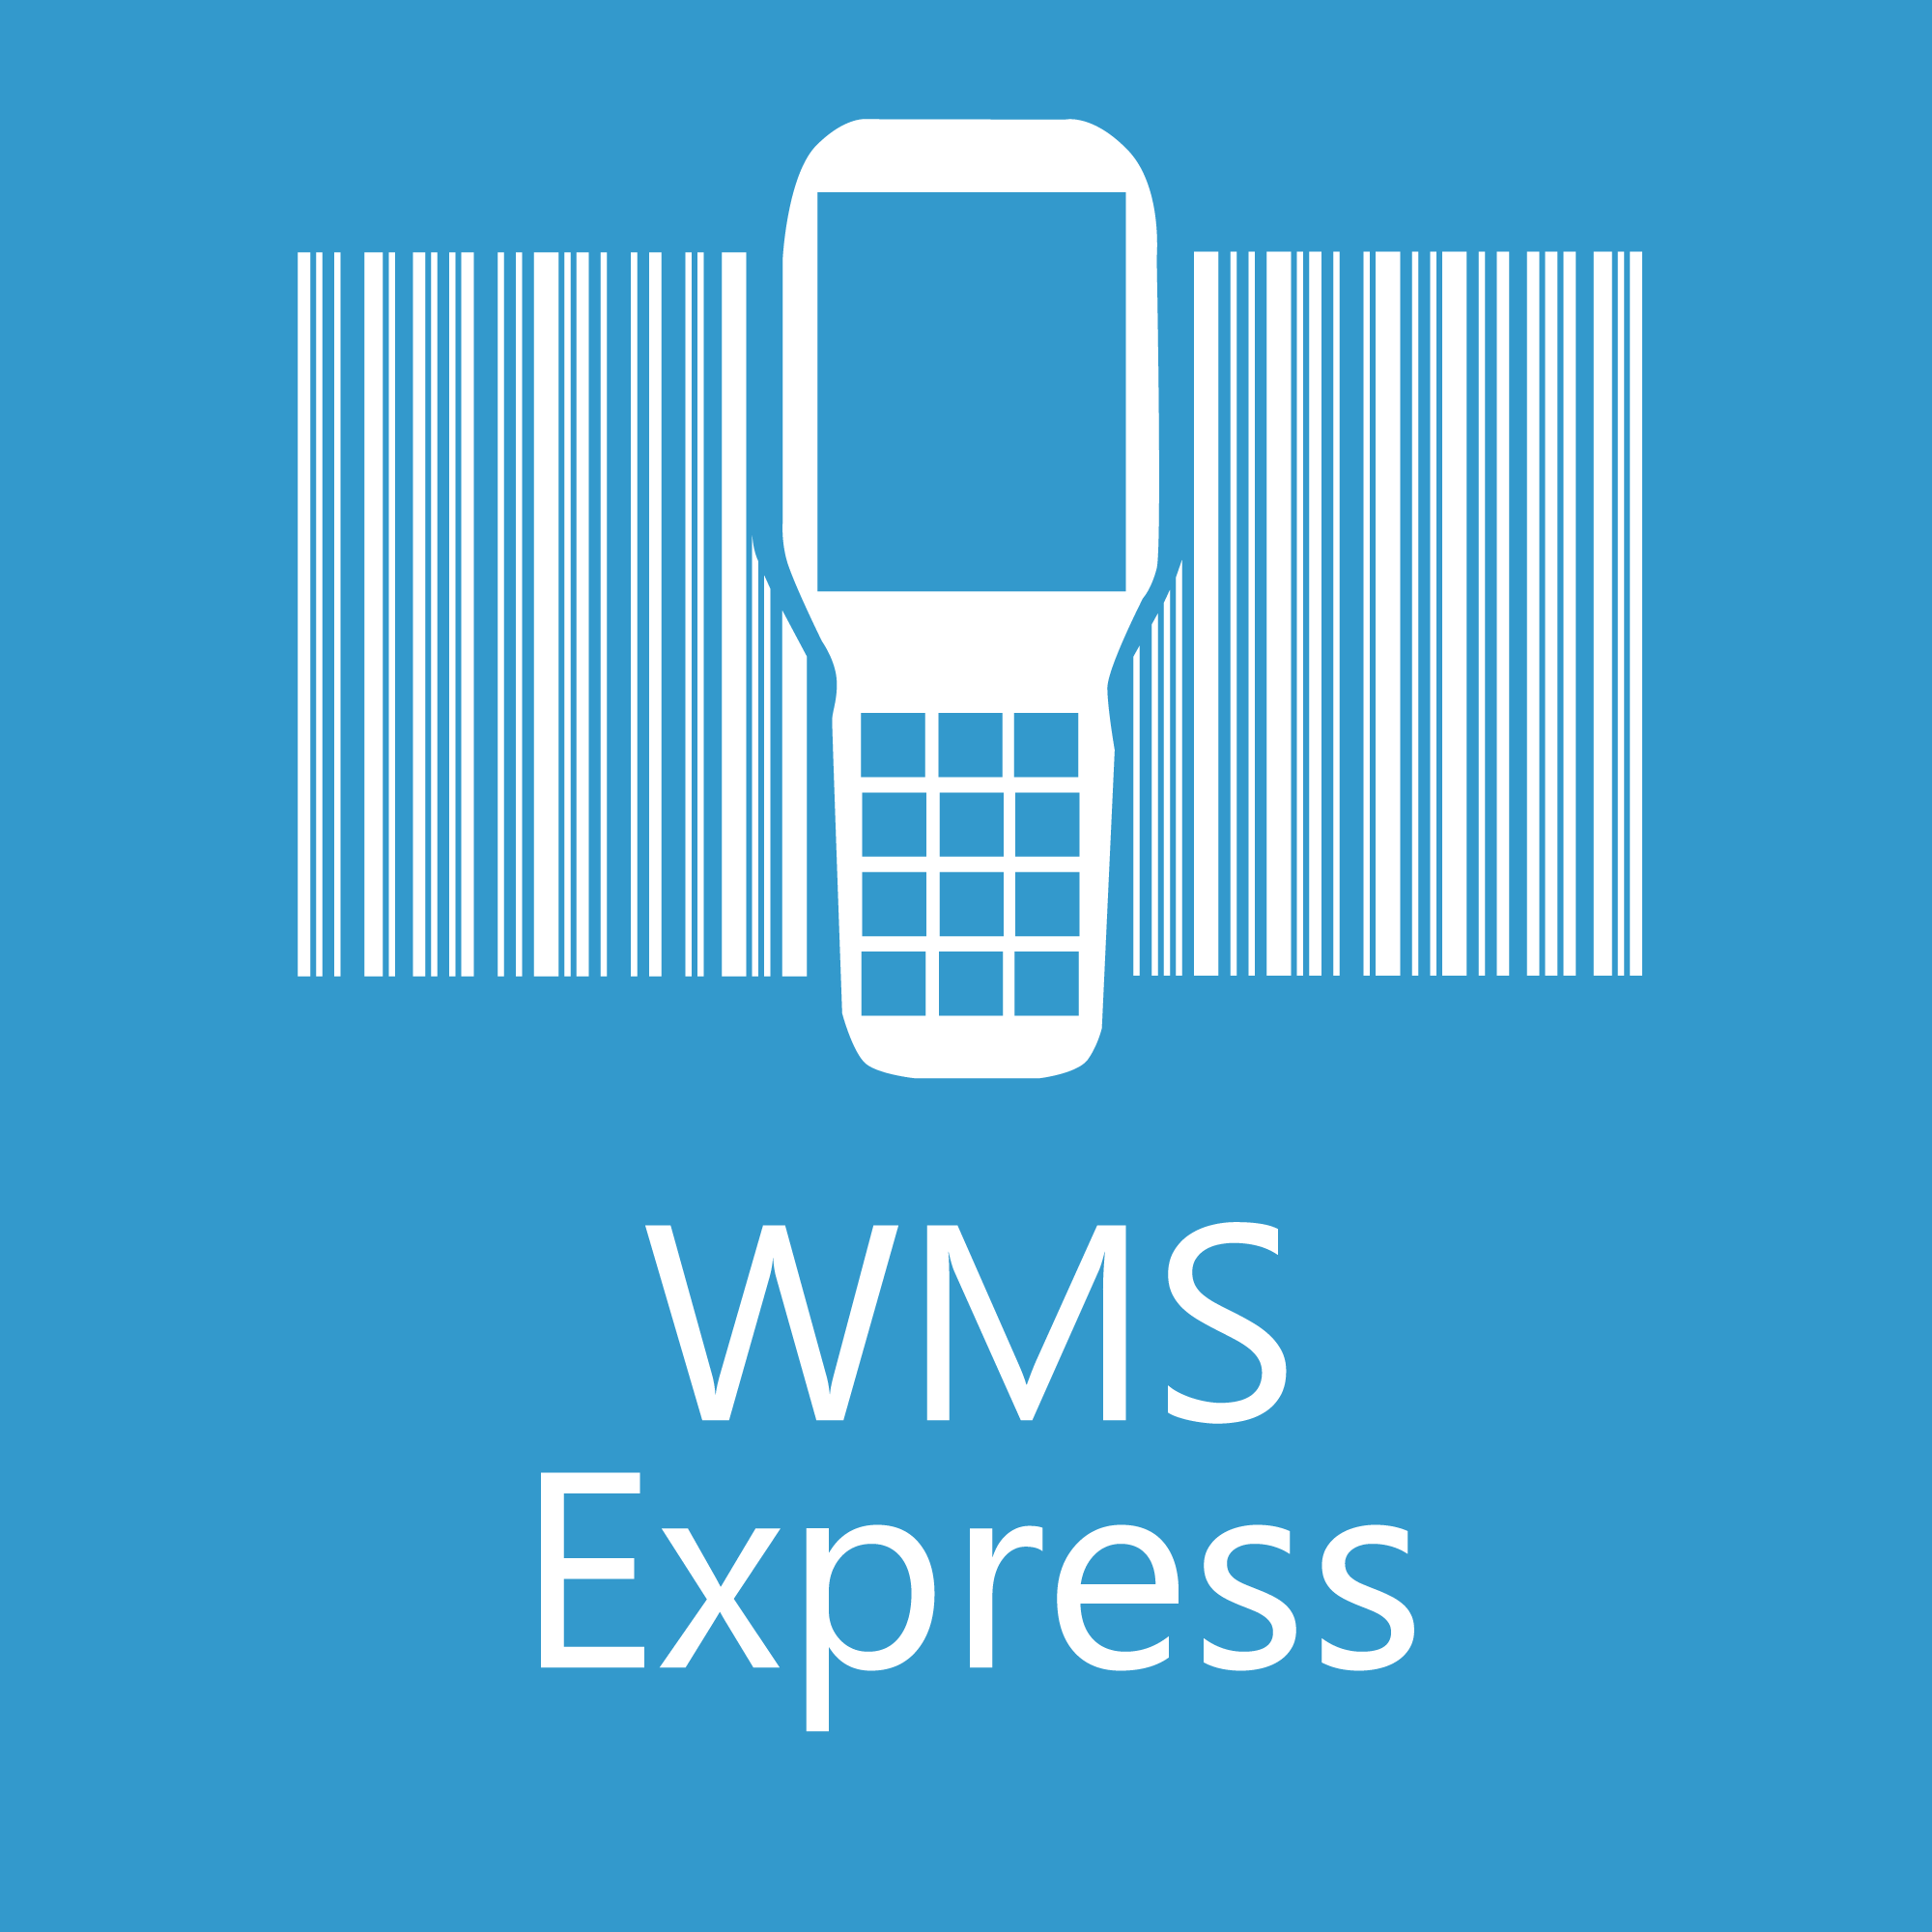 WMS Express